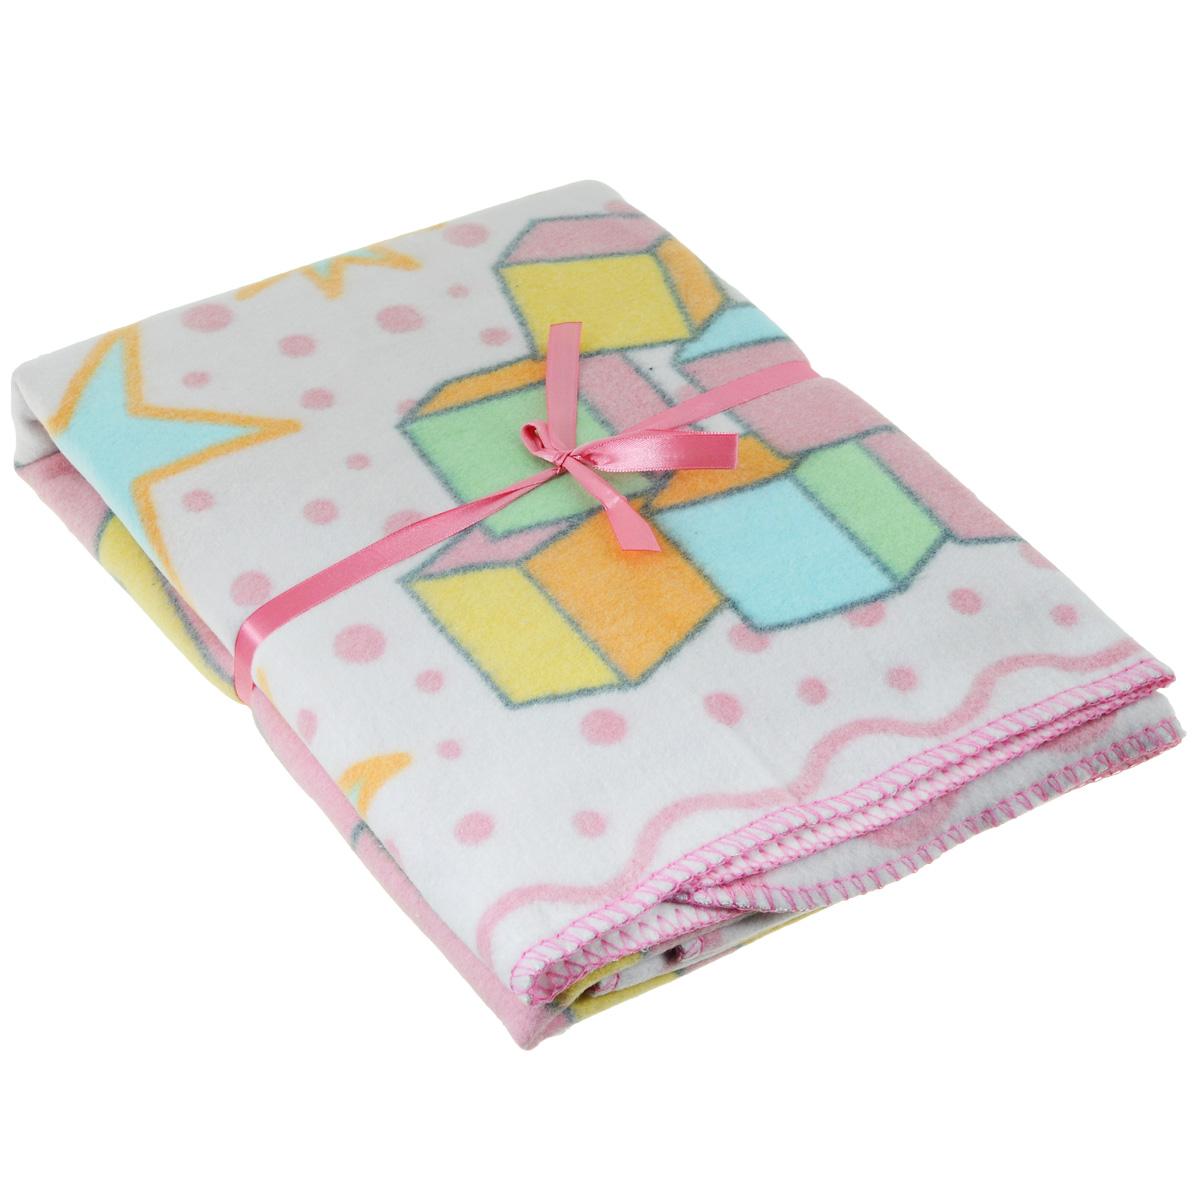 Одеяло детское Baby Nice Пора спать, байковое, цвет: розовый, 100 см x 140 смD311511